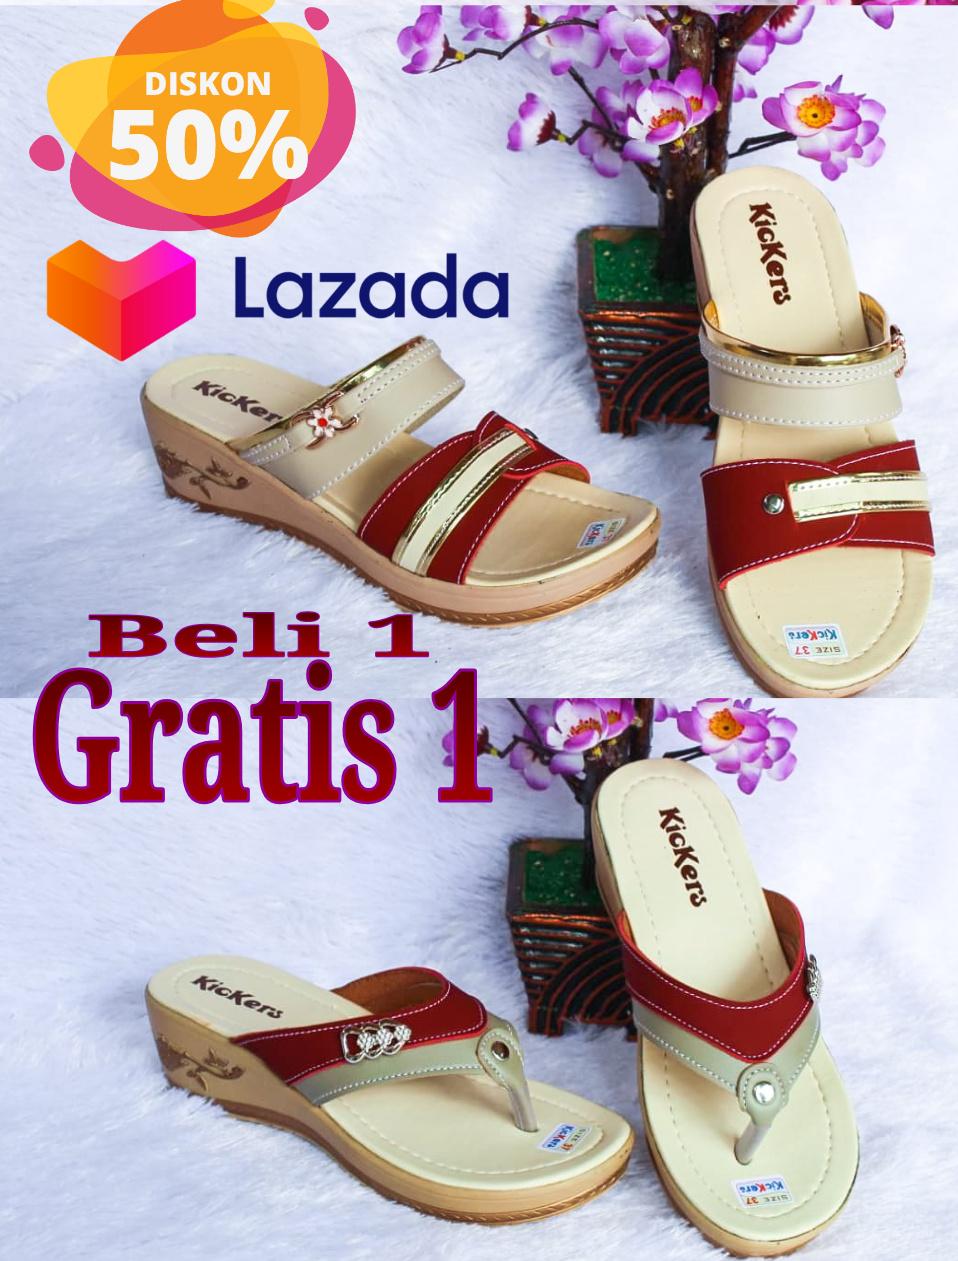 Harga Sandal Kickers Wanita Model Baru : harga, sandal, kickers, wanita, model, Gratis, Sandal, Selop, Wedges, Japit, Kickers, Wanita, Terbaru, Murah, Lazada, Indonesia